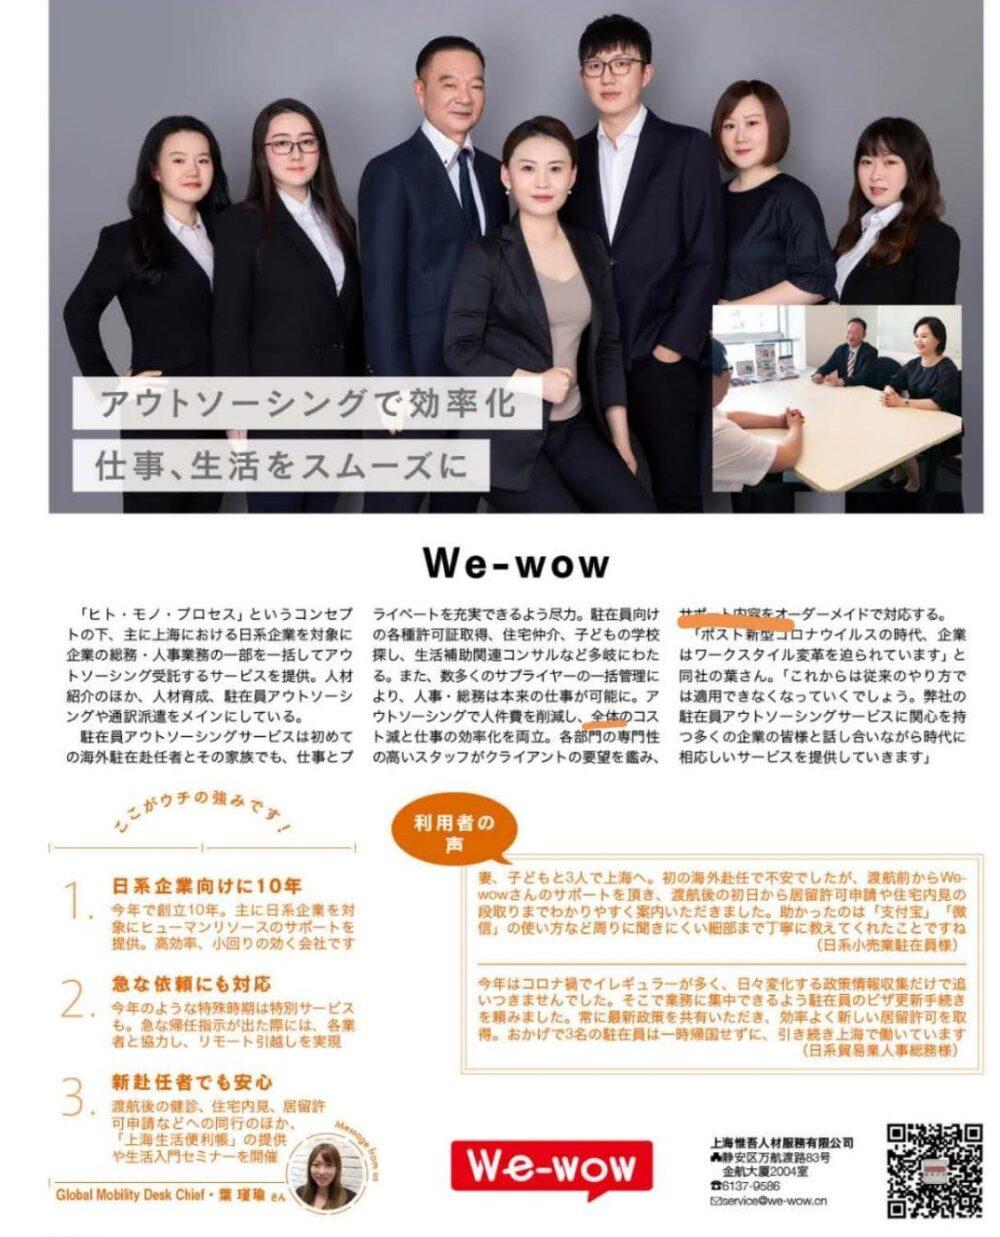 人材会社We-wowの紹介記事の写真